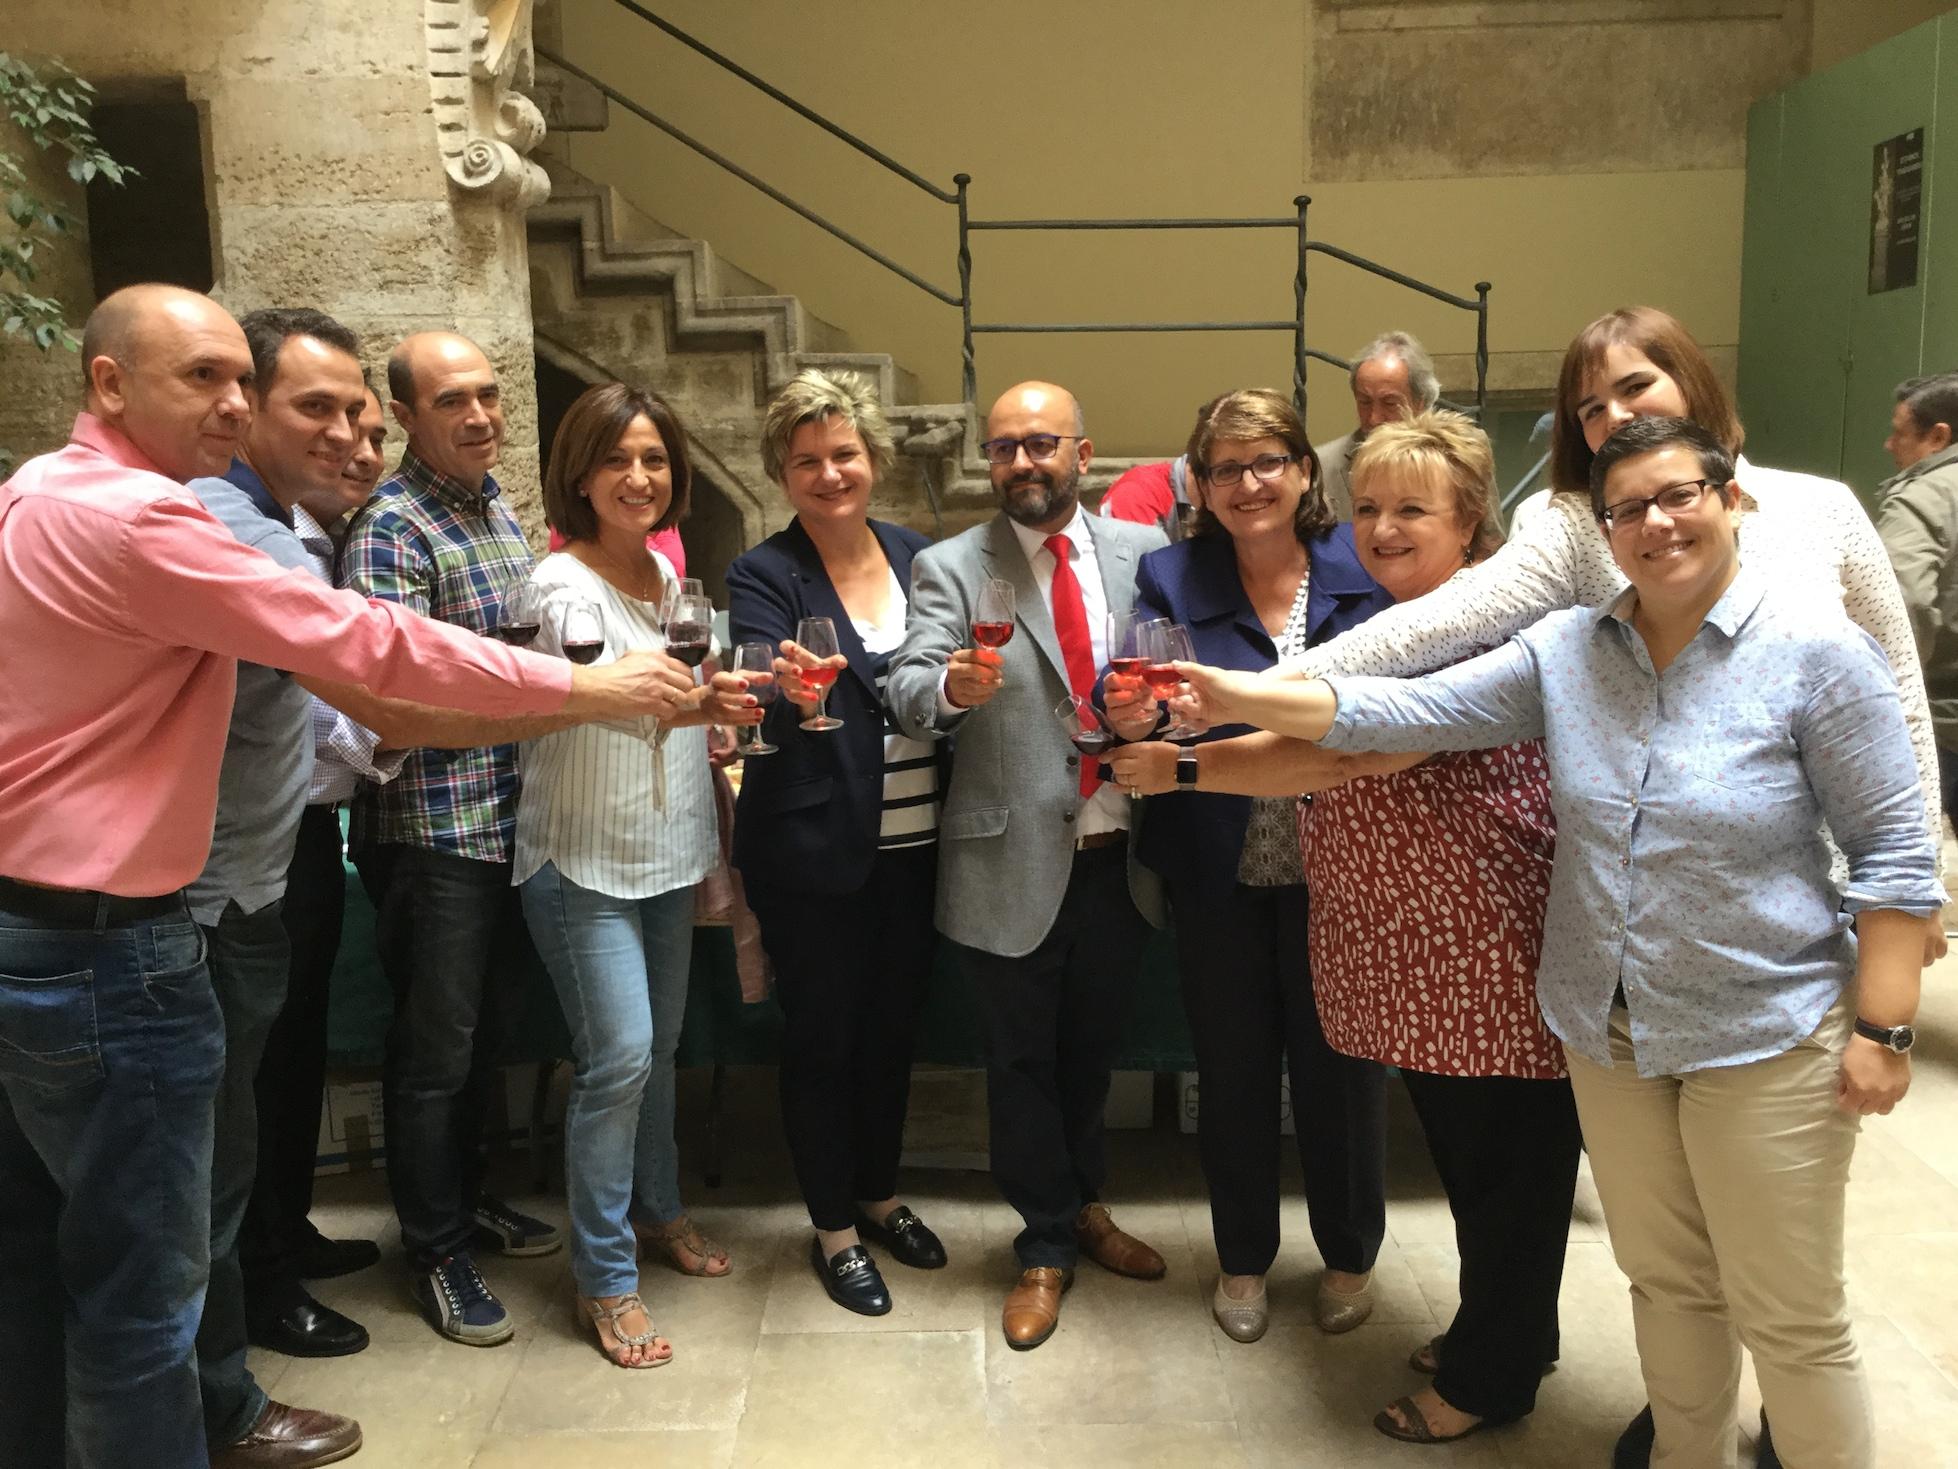 València Turisme patrocina el certamen cuya 21ª edición se celebrará del 21 al 23 de octubre en el Paseo de la Alameda de Utiel.